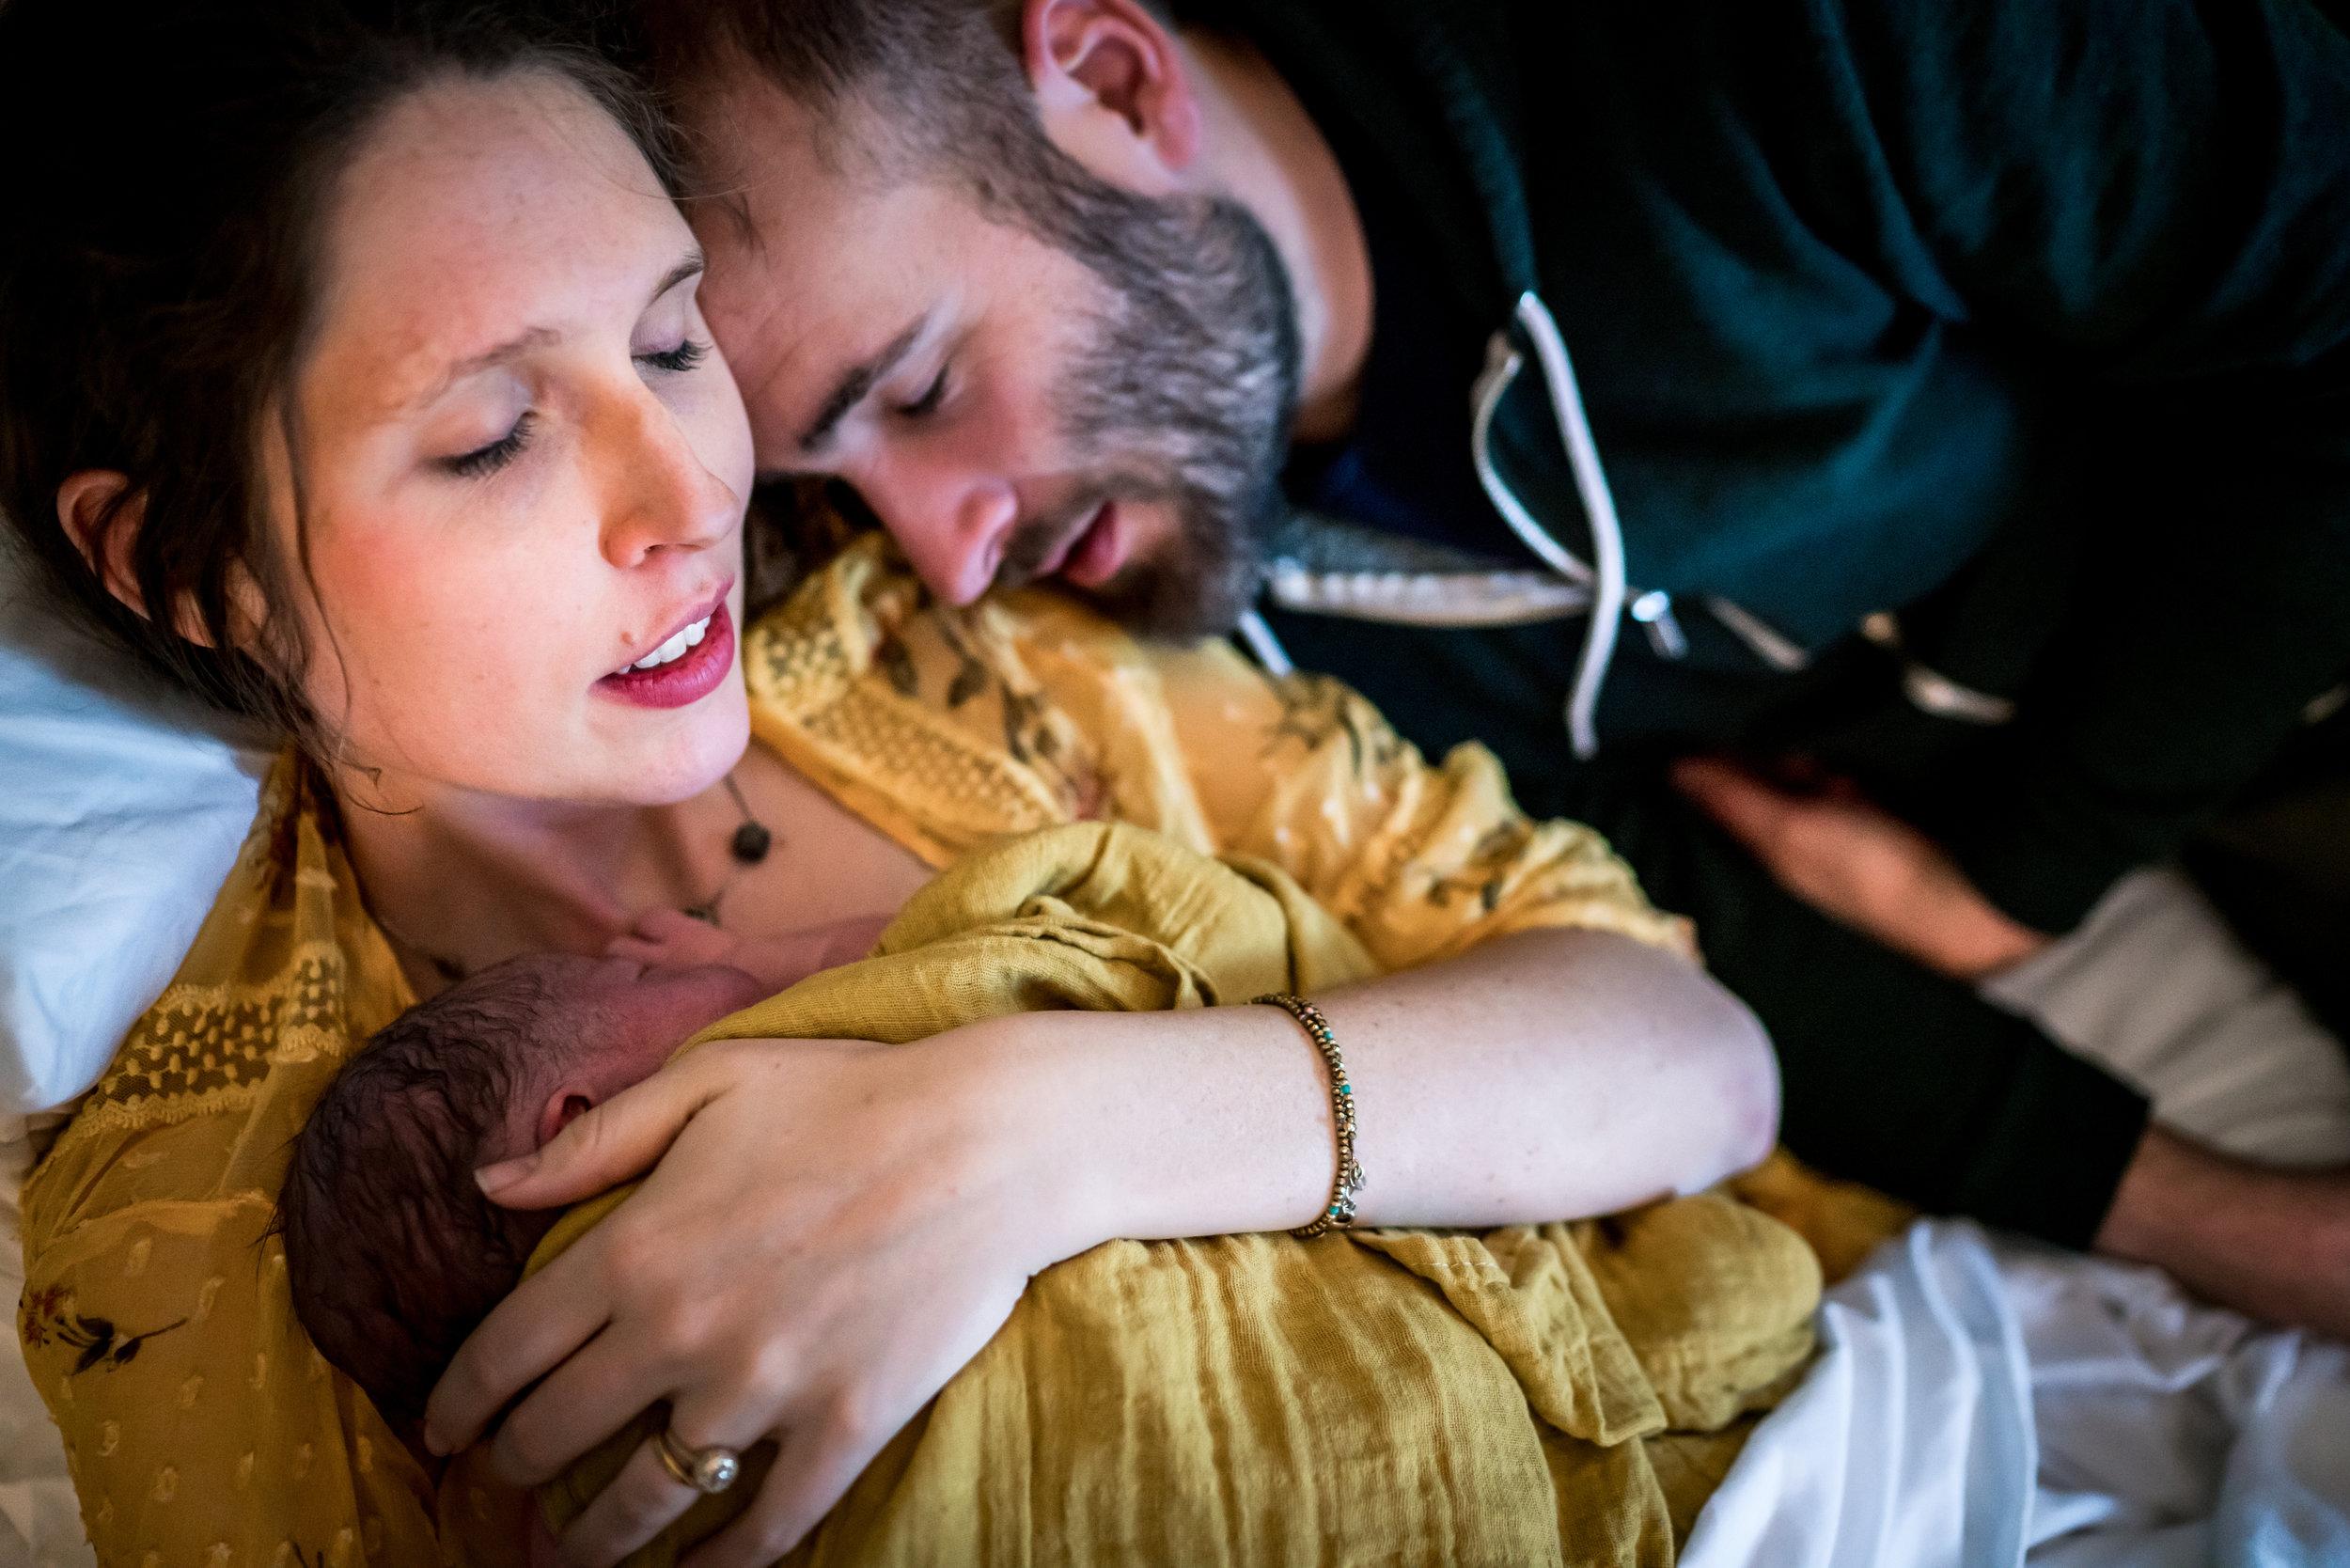 Denver_Colorado_Lindsey_Eden_Photography_Videography-Birth_Center_Monet00007.jpg